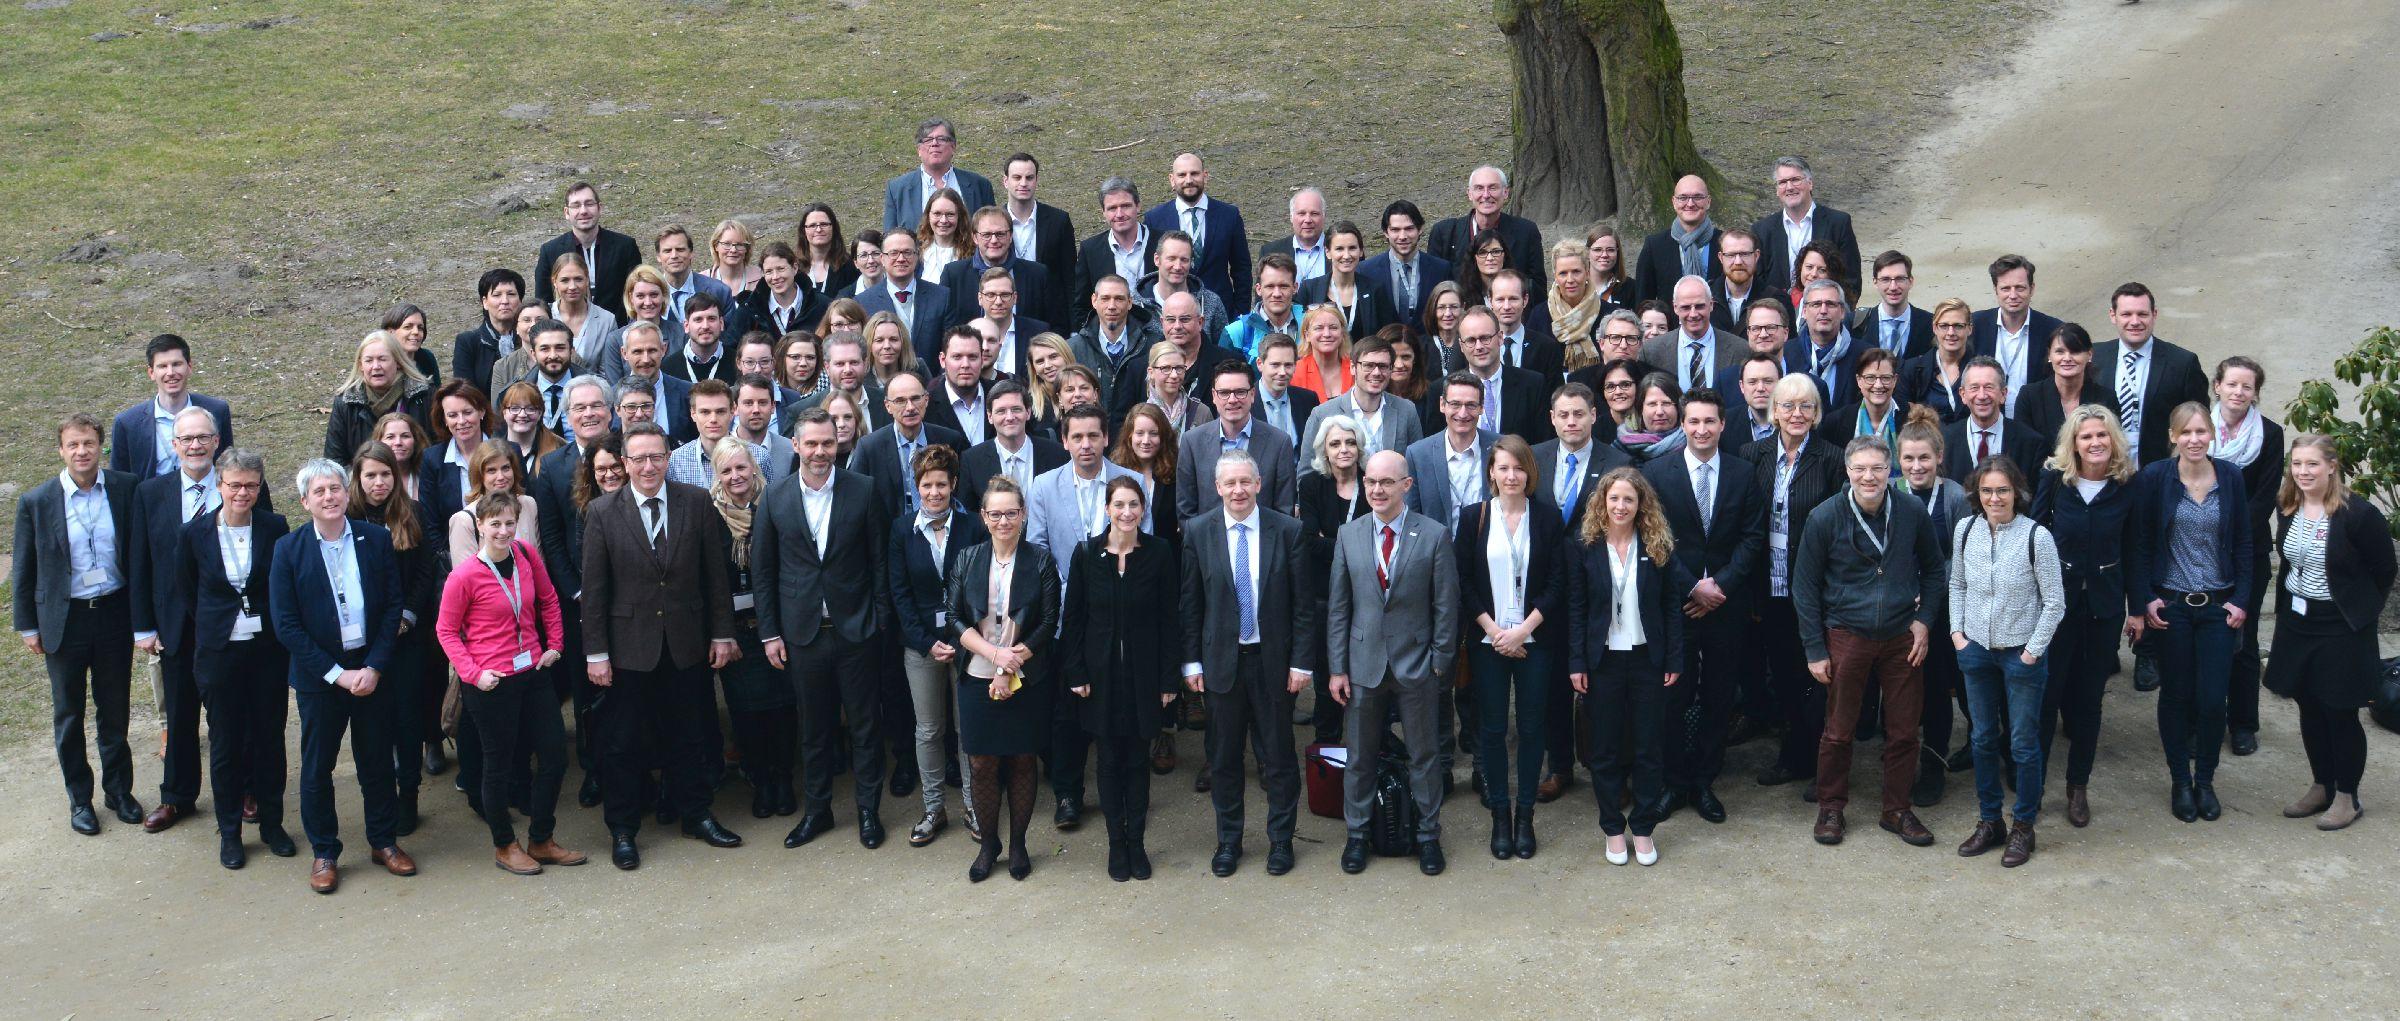 TELnet@NRW Kongress Gruppenfoto (Foto: ZTG)